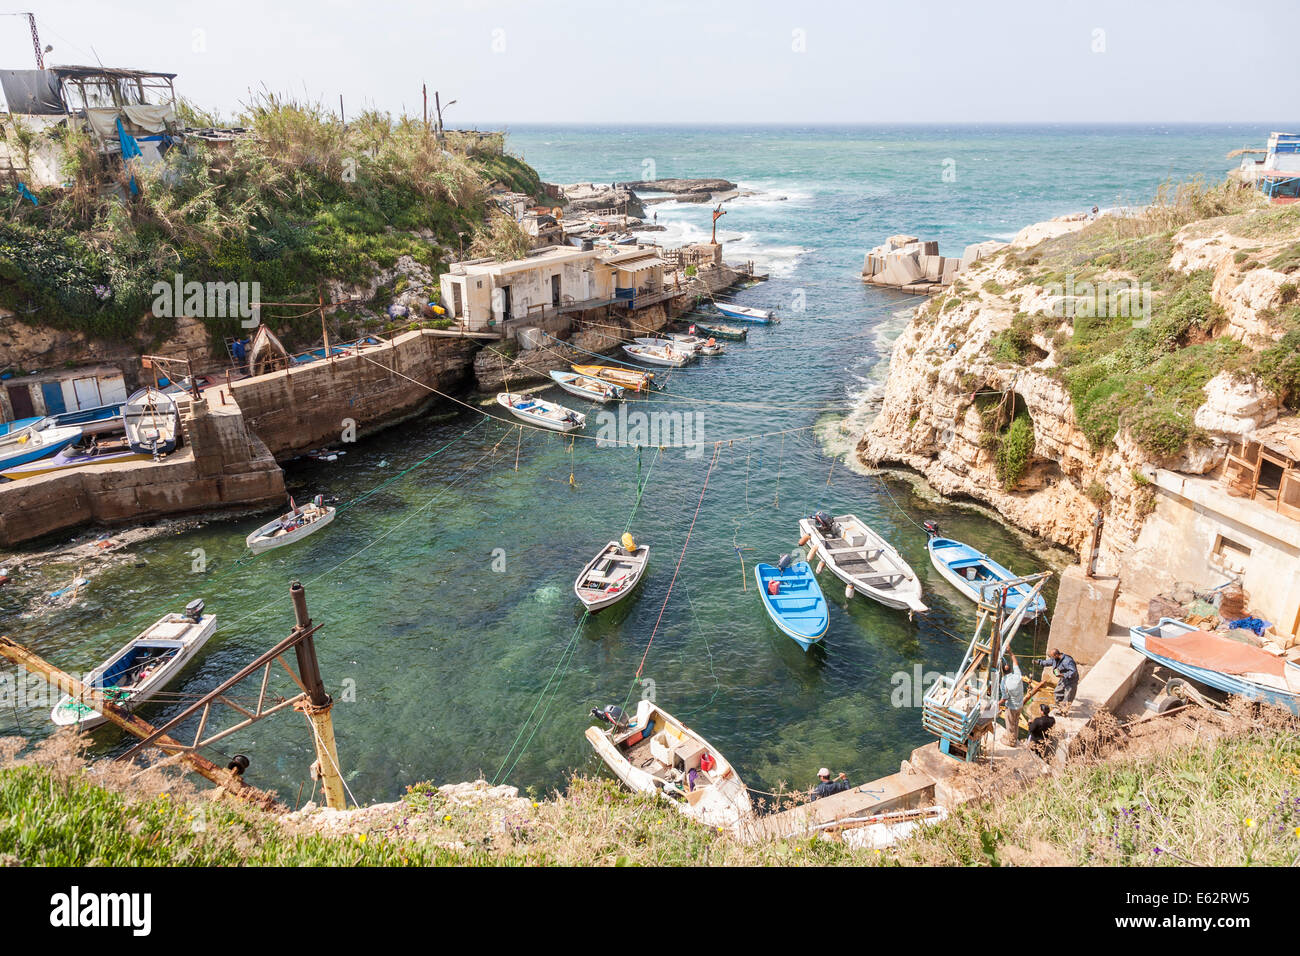 Un petit village de pêche et le port de la communauté sur la côte méditerranéenne, avec Photo Stock